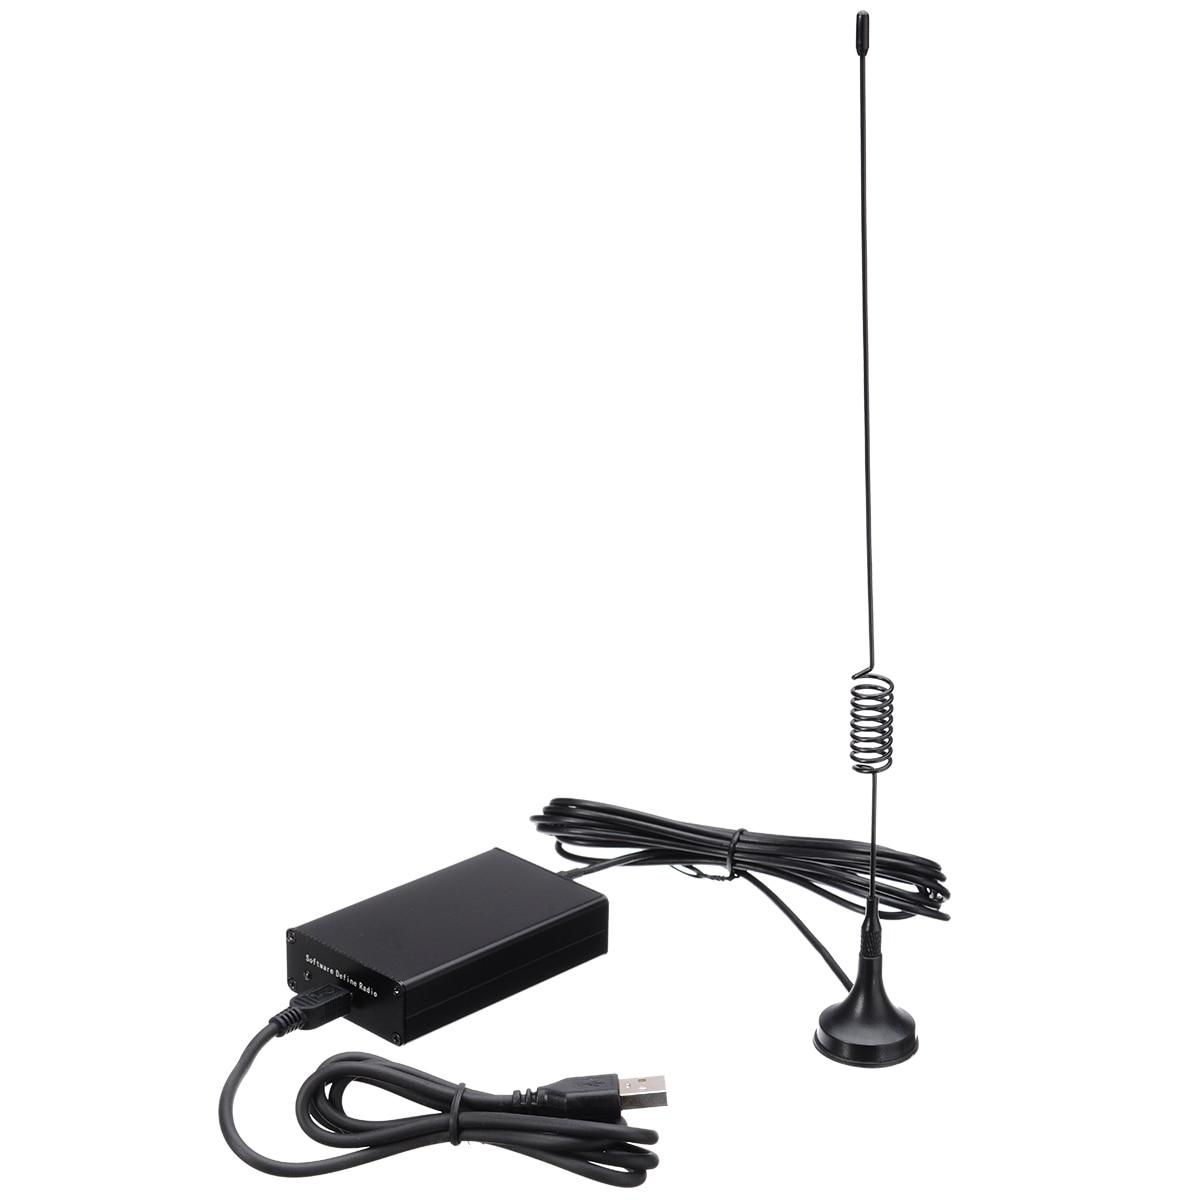 Новый RTL2832U + R820T2 100 кГц-1,7 ГГц SDR полный диапазон радио USB тюнер приемник ТВ аксессуары